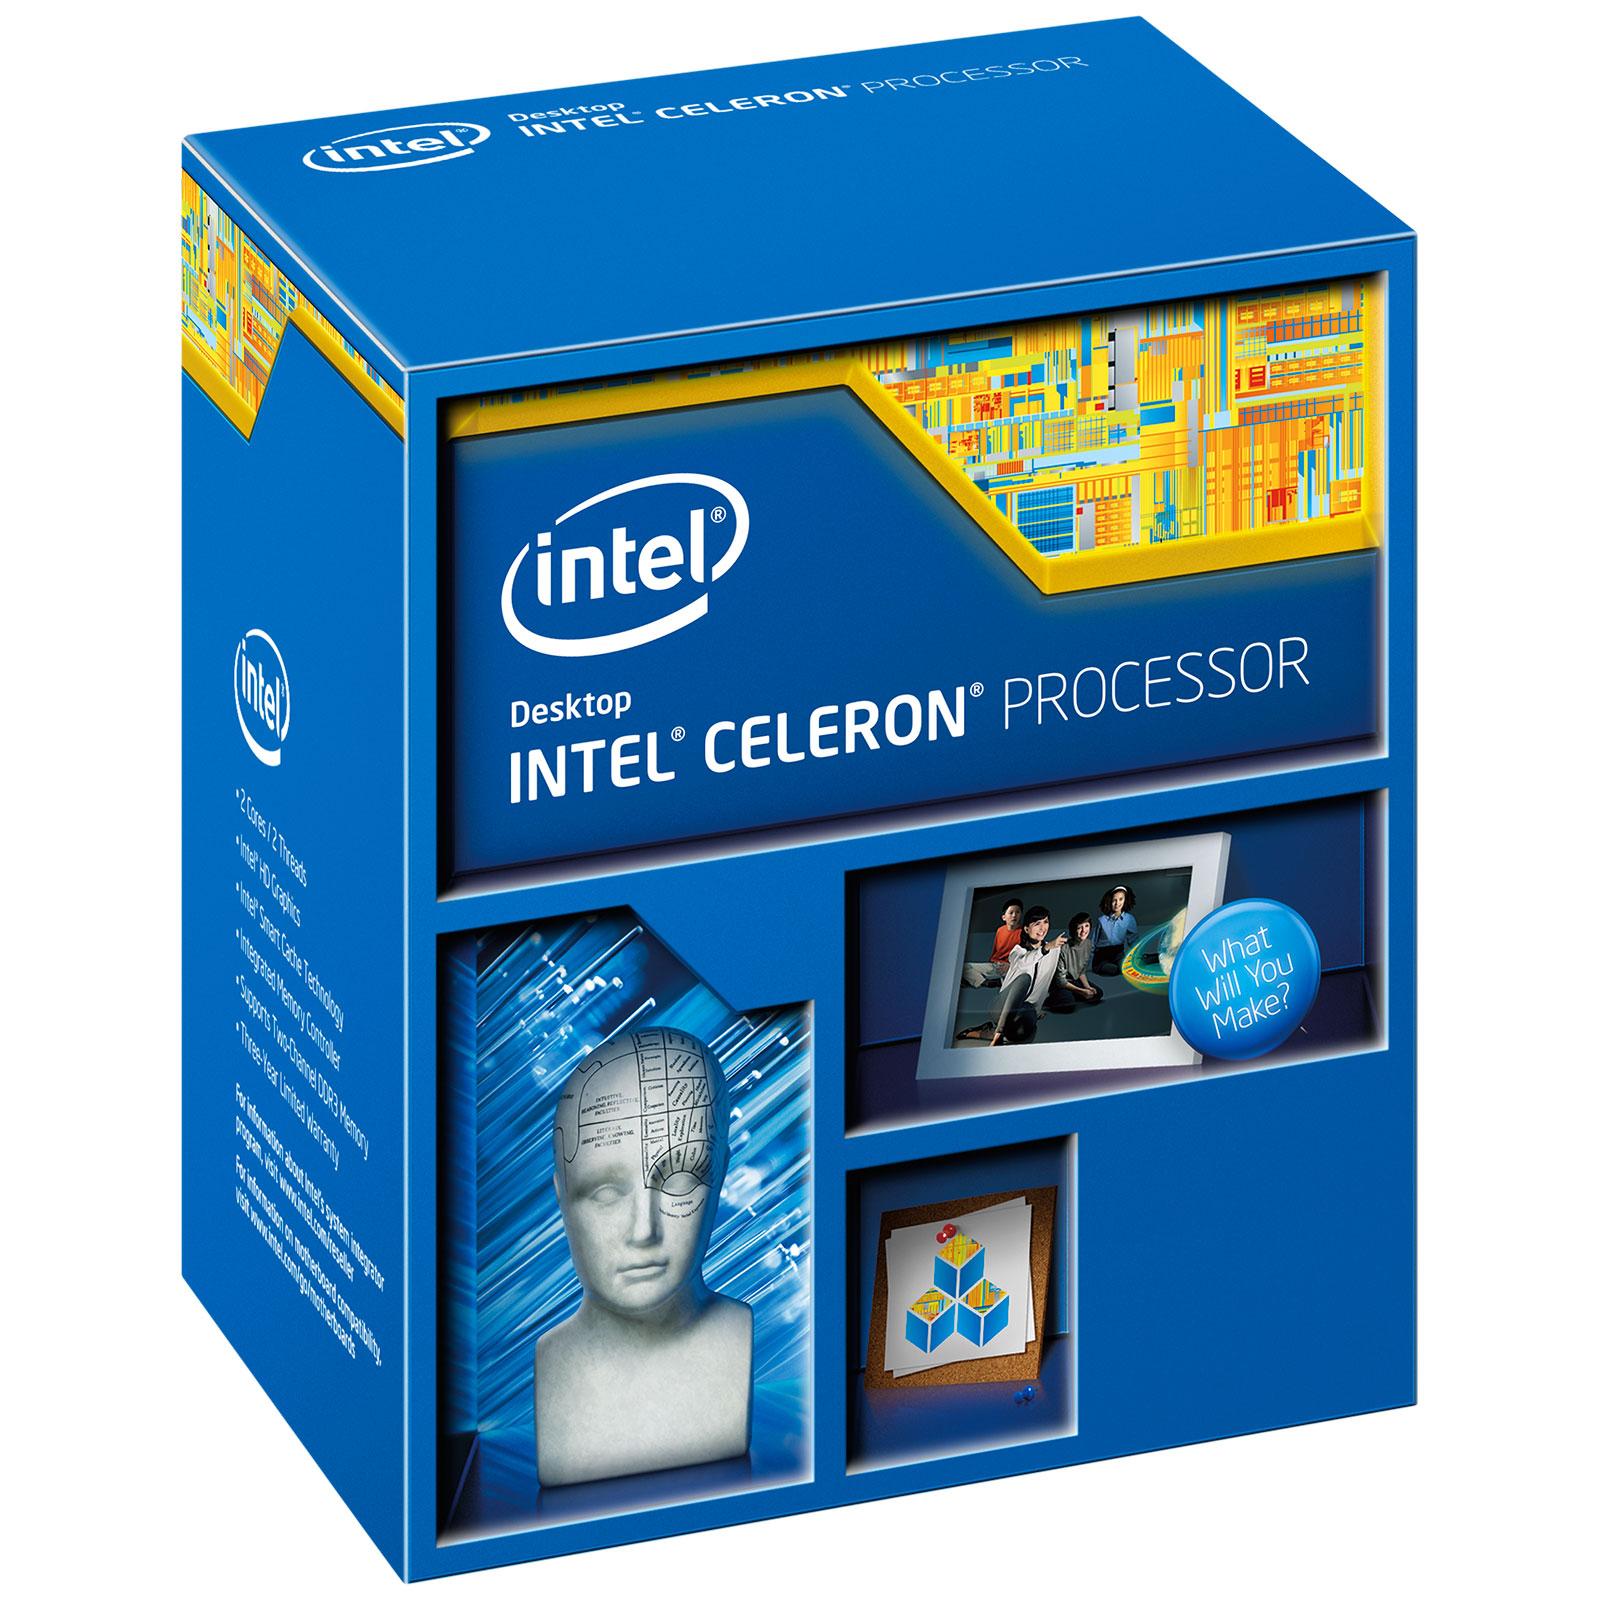 Processeur Intel Celeron G1850 (2.9 GHz) Processeur Dual Core Socket 1150 Cache L3 2 Mo Intel HD Graphics 0.022 micron (version boîte - garantie Intel 3 ans)